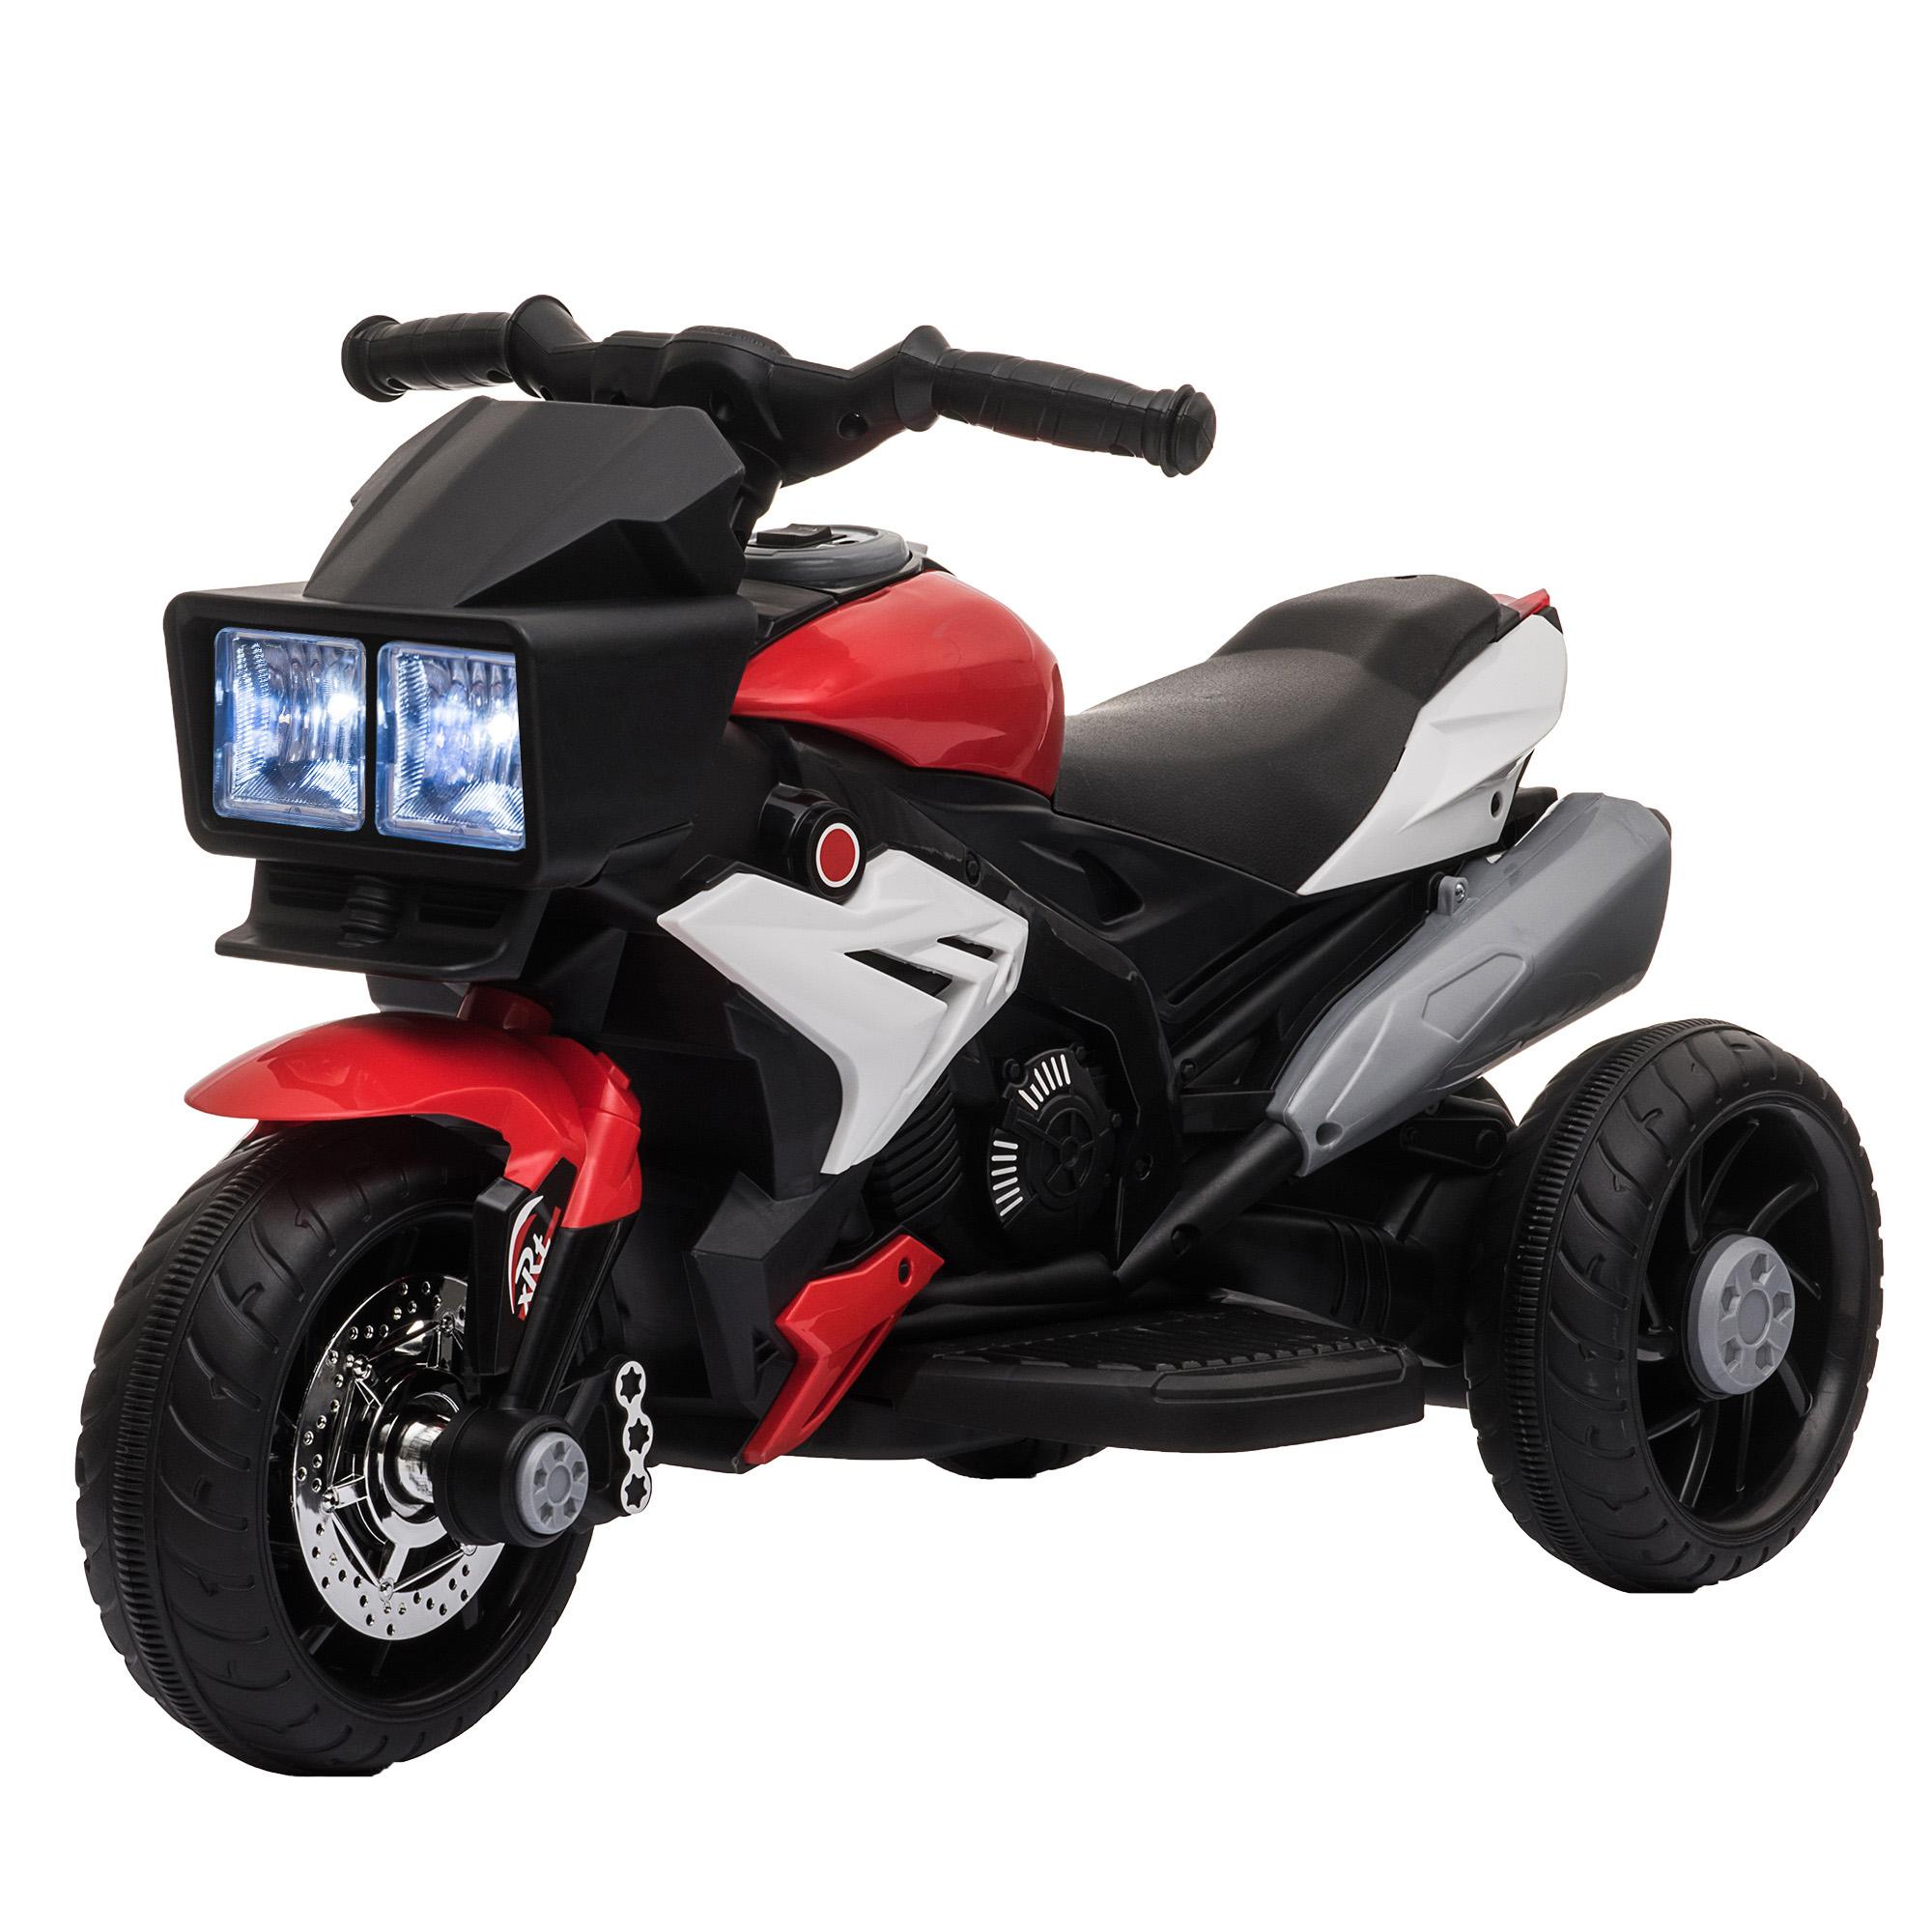 HOMCOM Moto Eléctrica Infantil con 3 Ruedas para +3 Años Triciclo con Pedal para Niños Batería 6V con Luces Música Neumáticos Anchos Velocidad 3 km/h